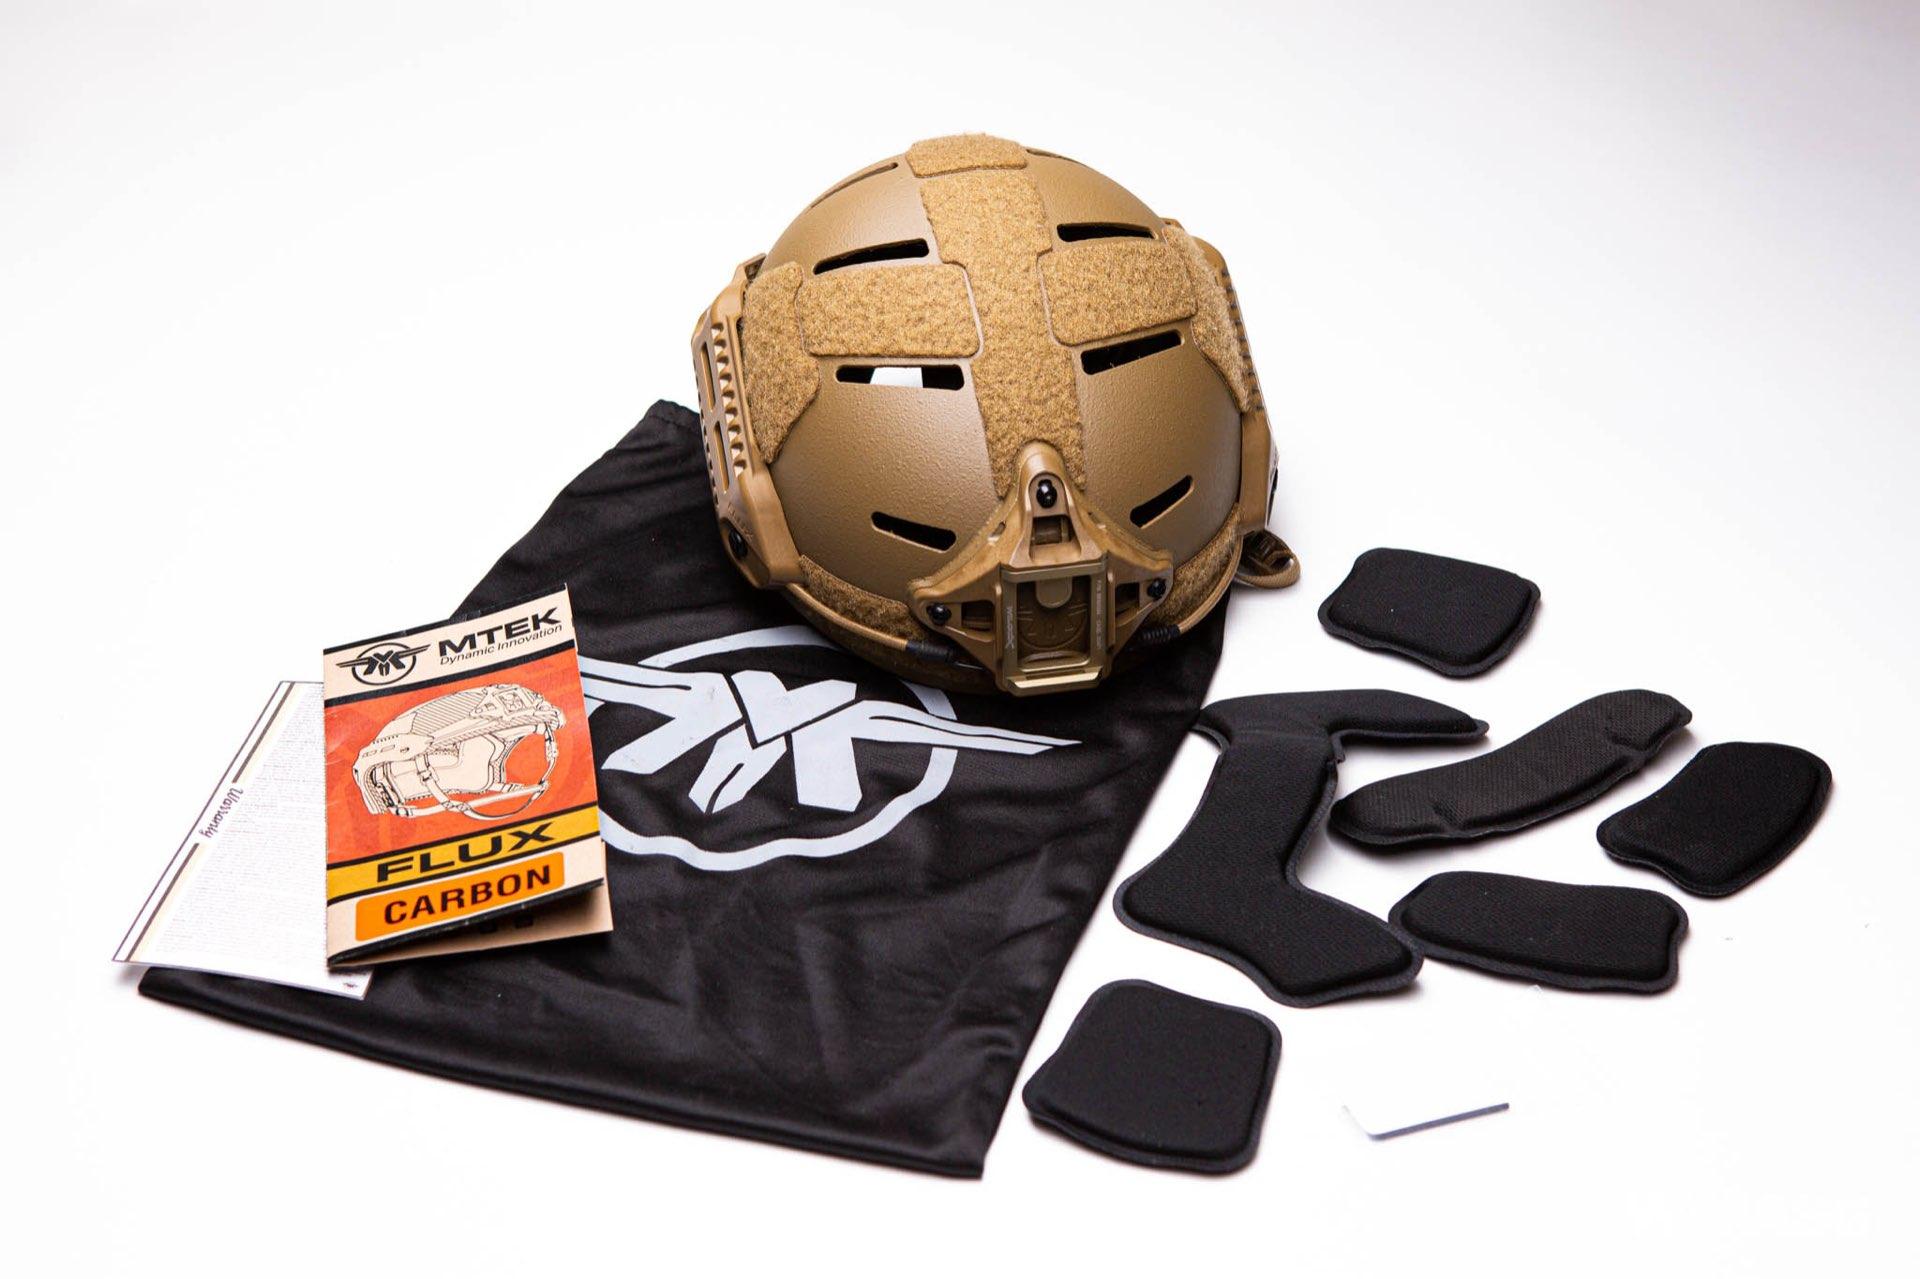 MTEK Flux helmet set